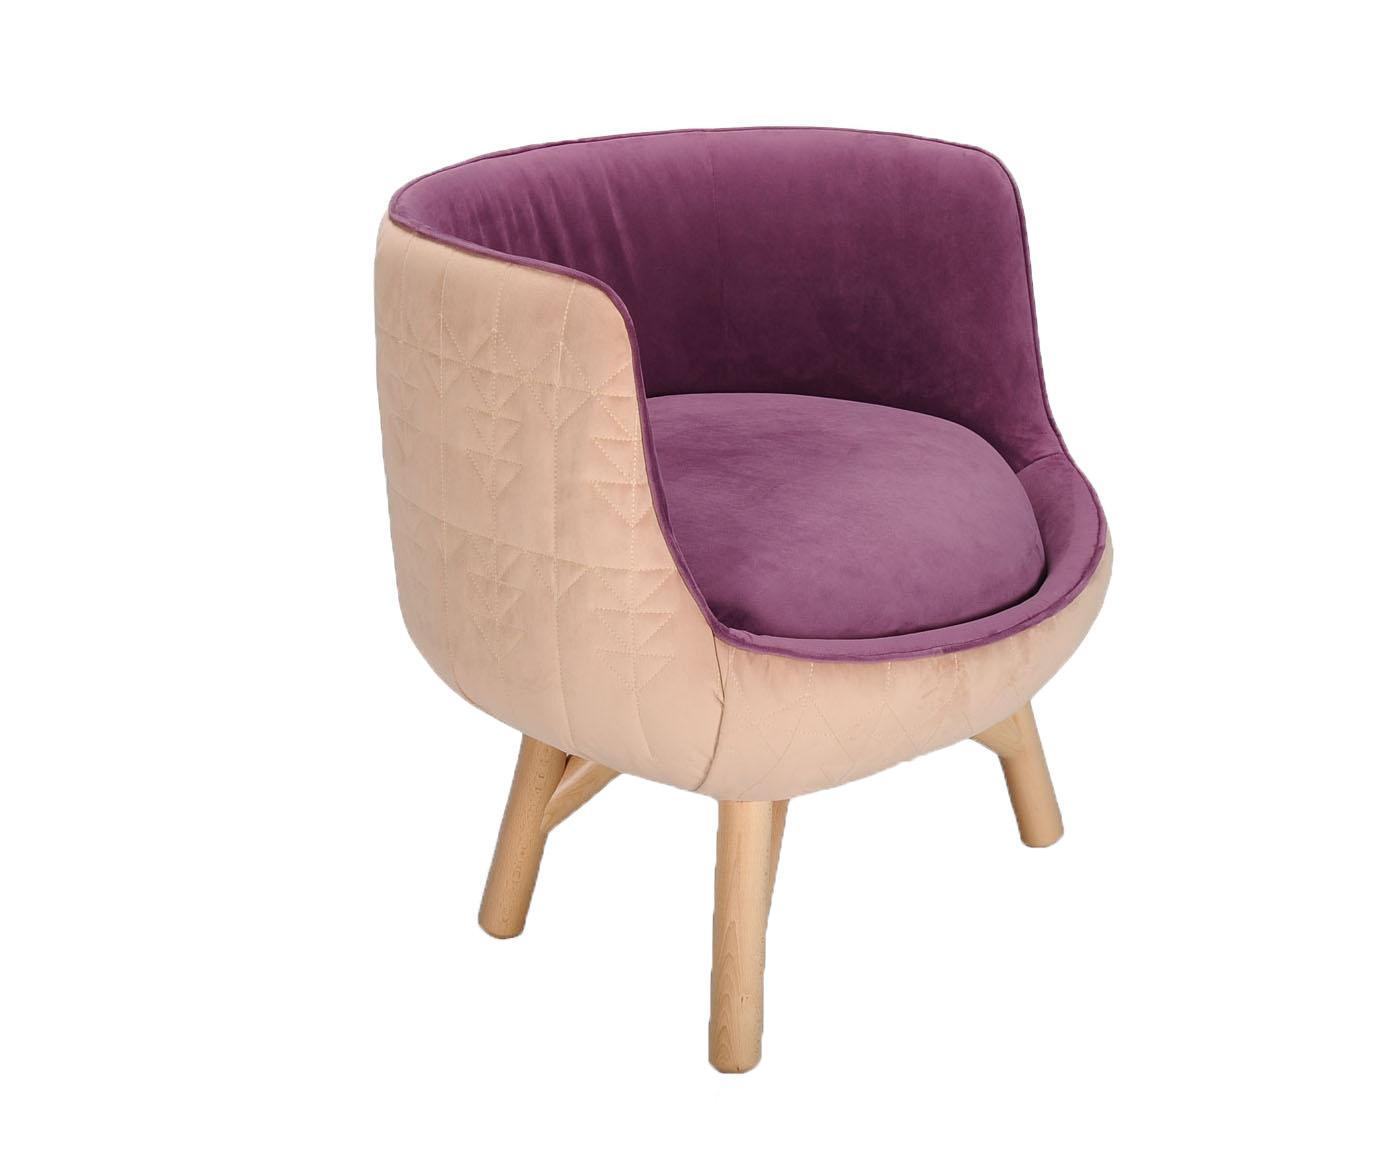 Fotoliu Tarka Small Light Pink Purple - Mobila Dalin, Roz